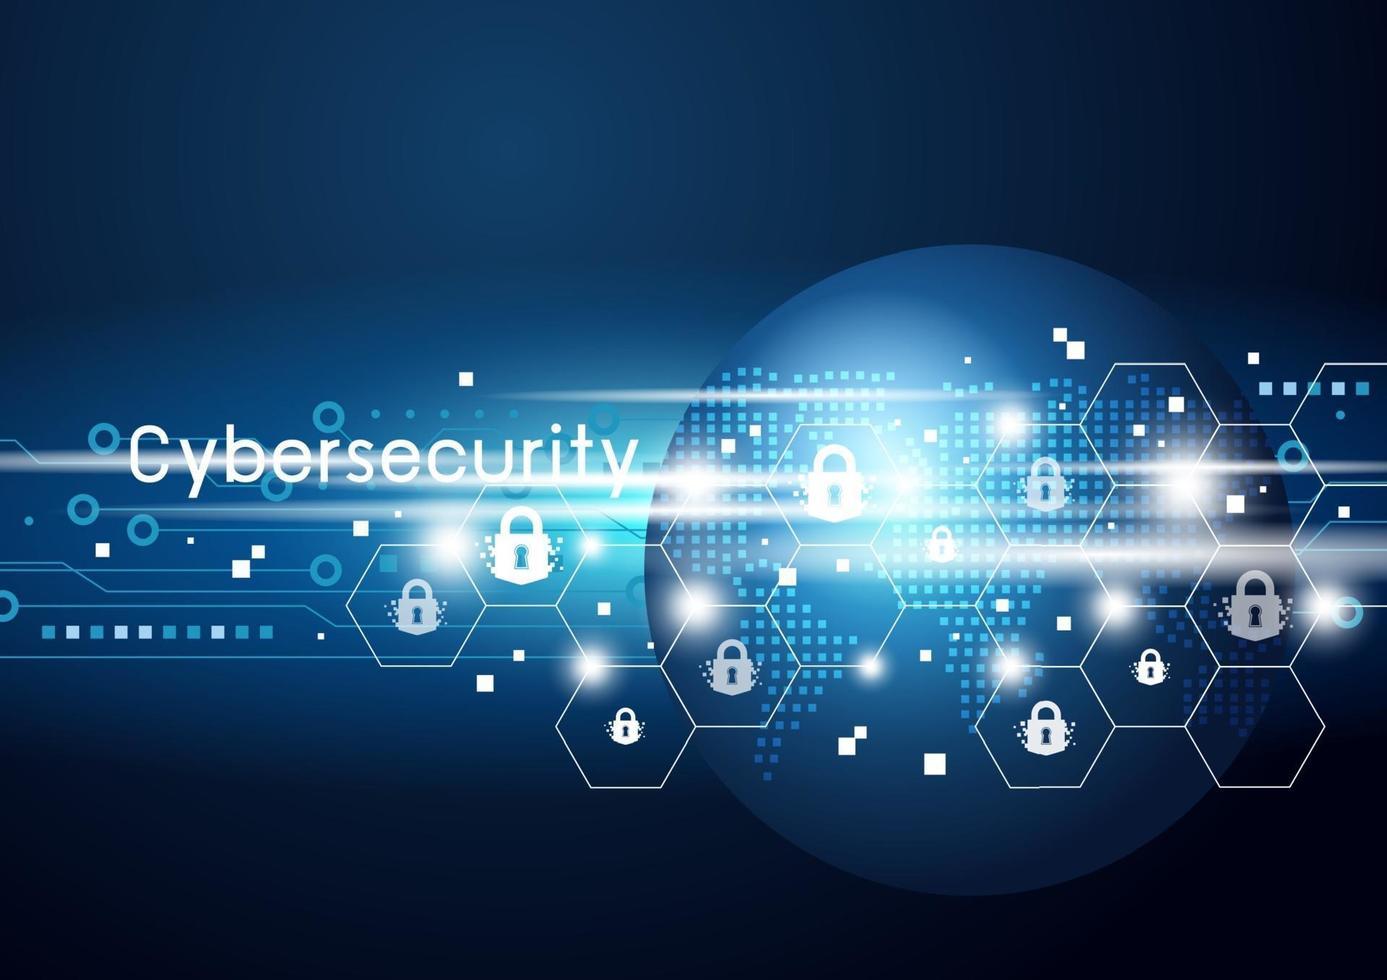 Cybersicherheit und globale Netzwerkvektorillustration vektor